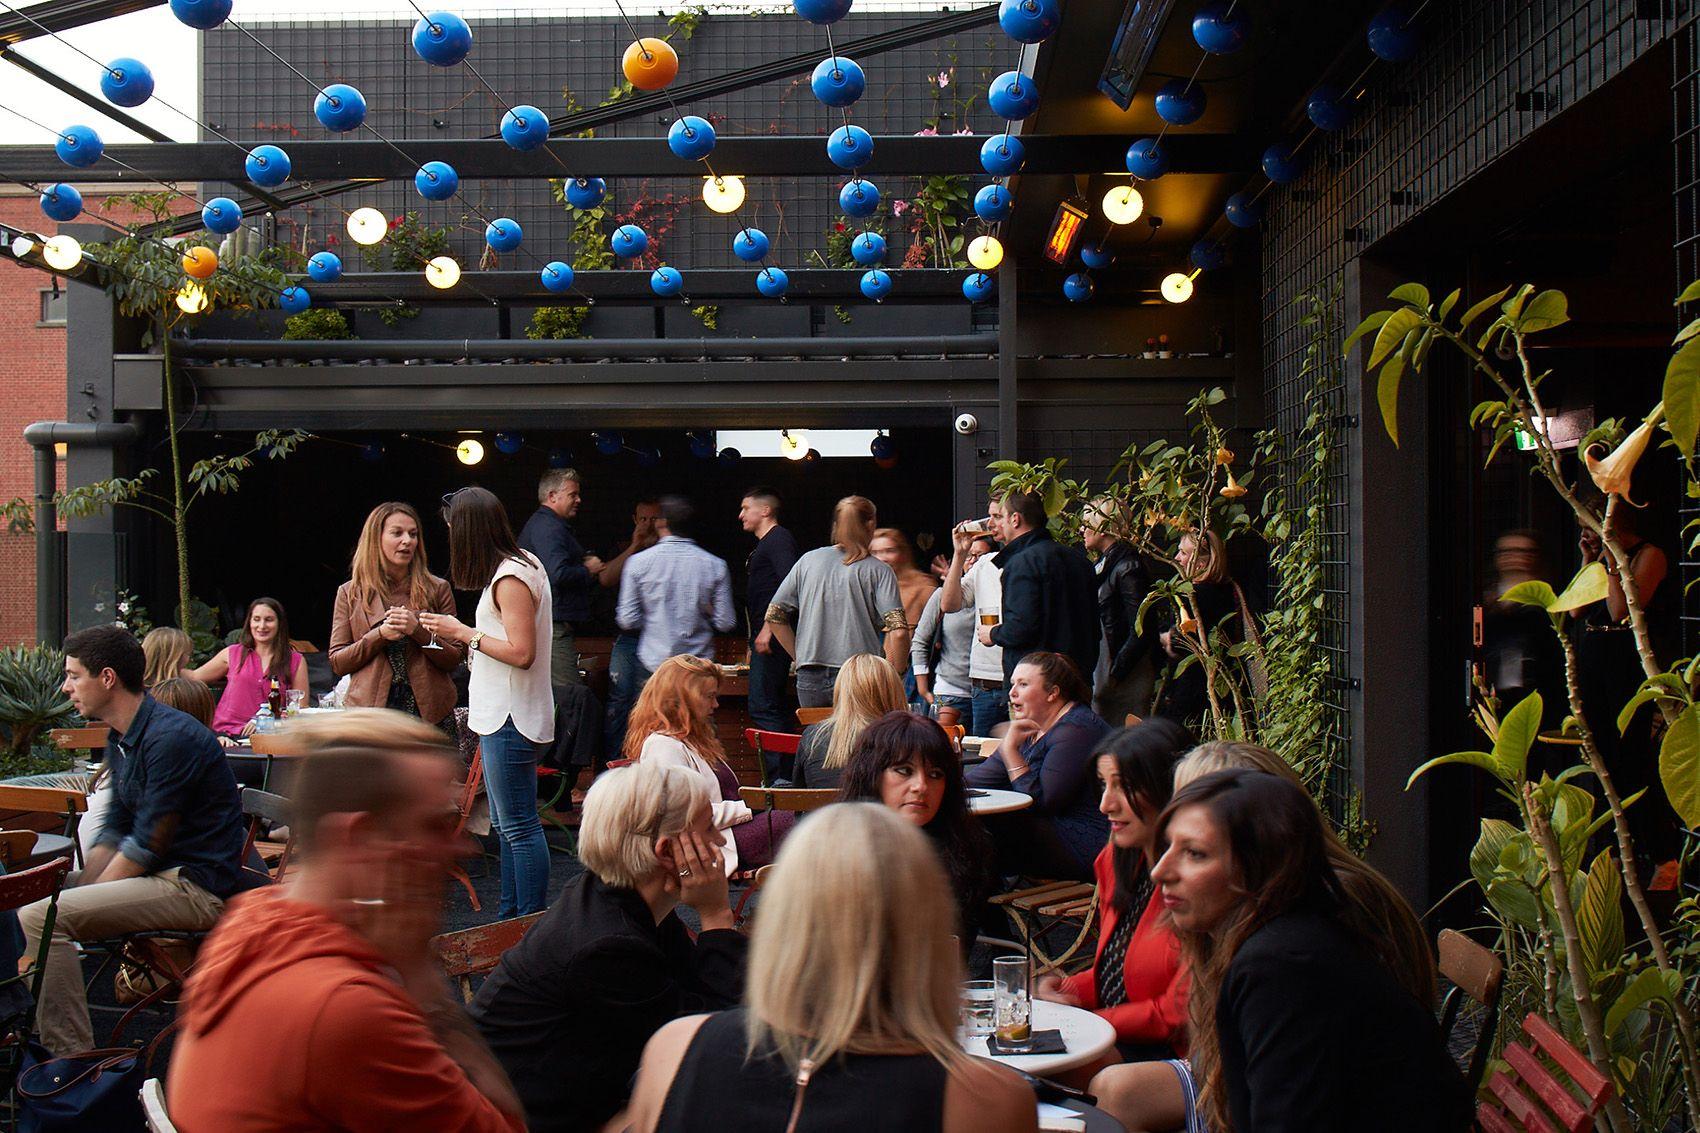 Gallery - Loop Roof Rooftop Cocktail Bar & Garden Melbourne | Best Rooftop Bars, Rooftop Bar, Melbourne Australia